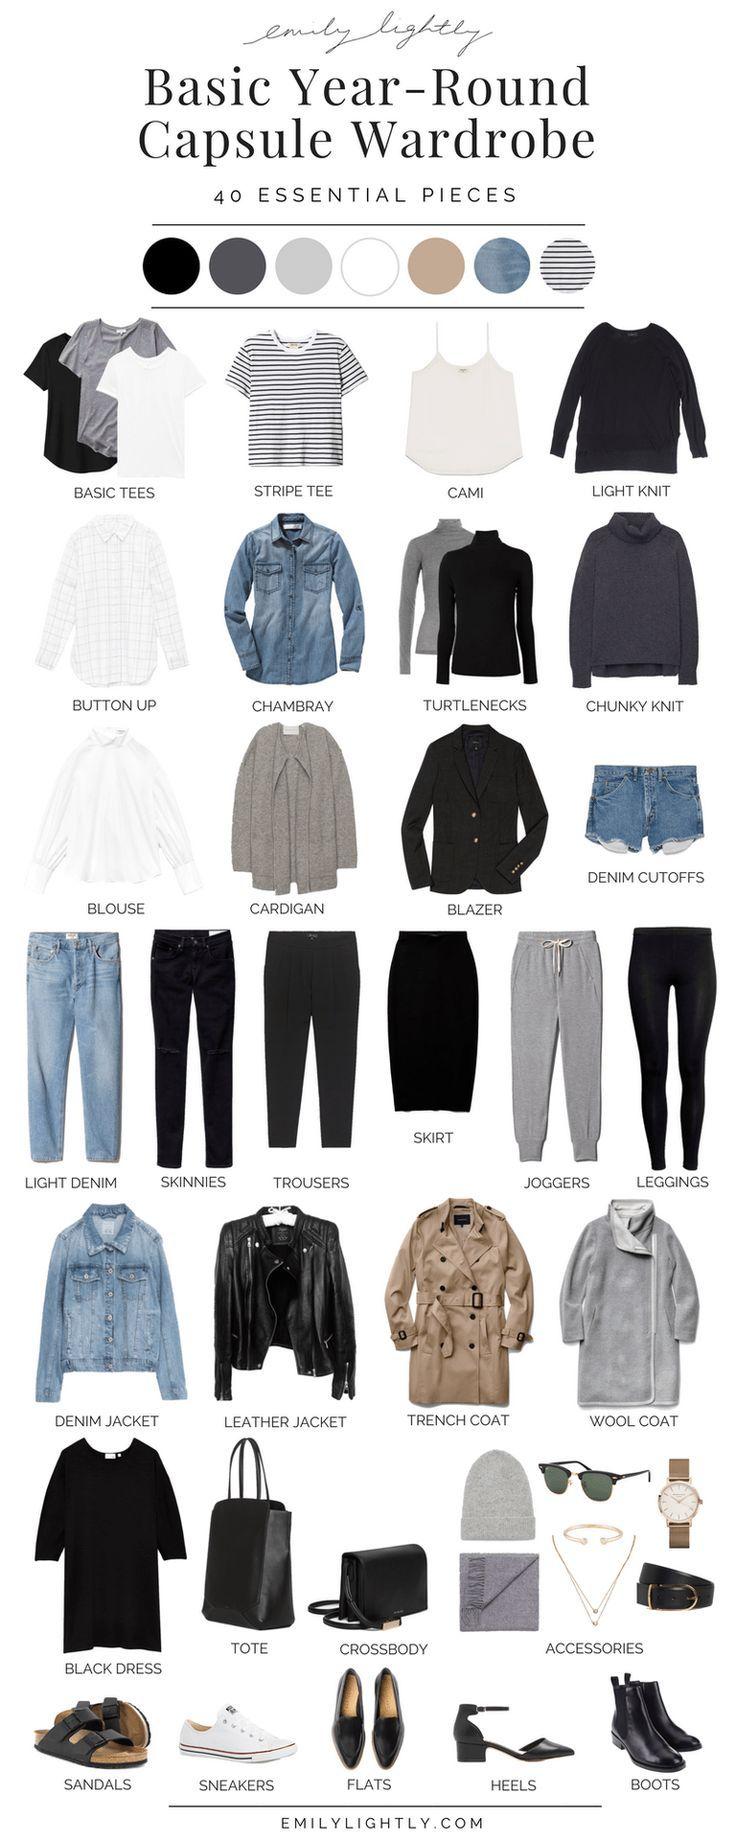 My Basic Year-Round Capsule Wardrobe - Emily Lightly // ethical style, sustainable style, slow fashion, minimalist style